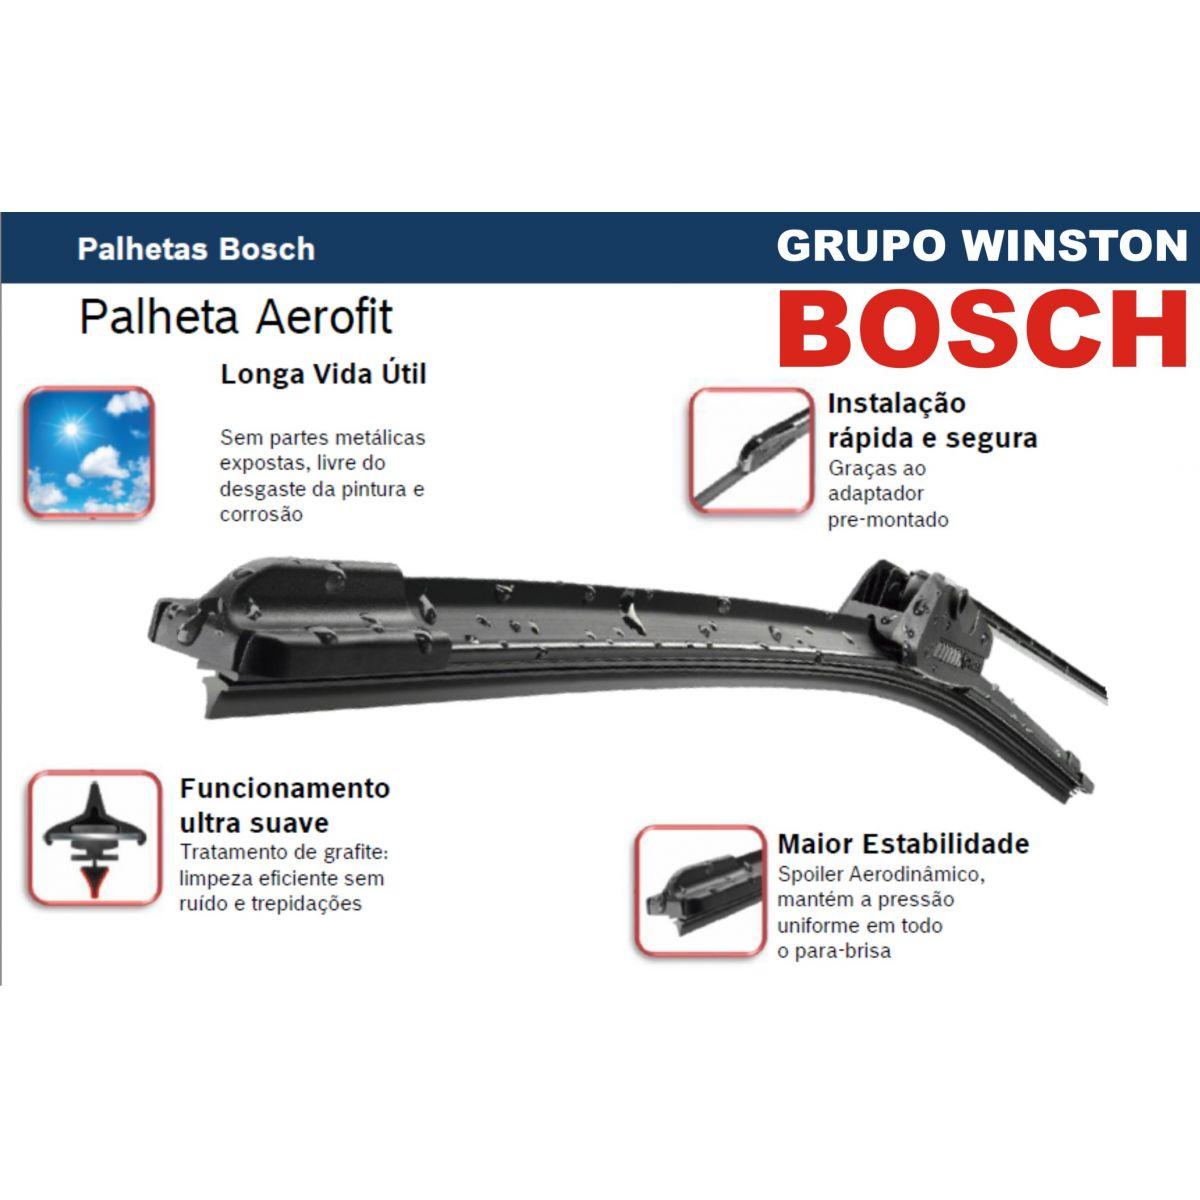 Palheta Bosch Aerofit Limpador de para brisa Bosch LAND ROVER Discovery Range Rover I